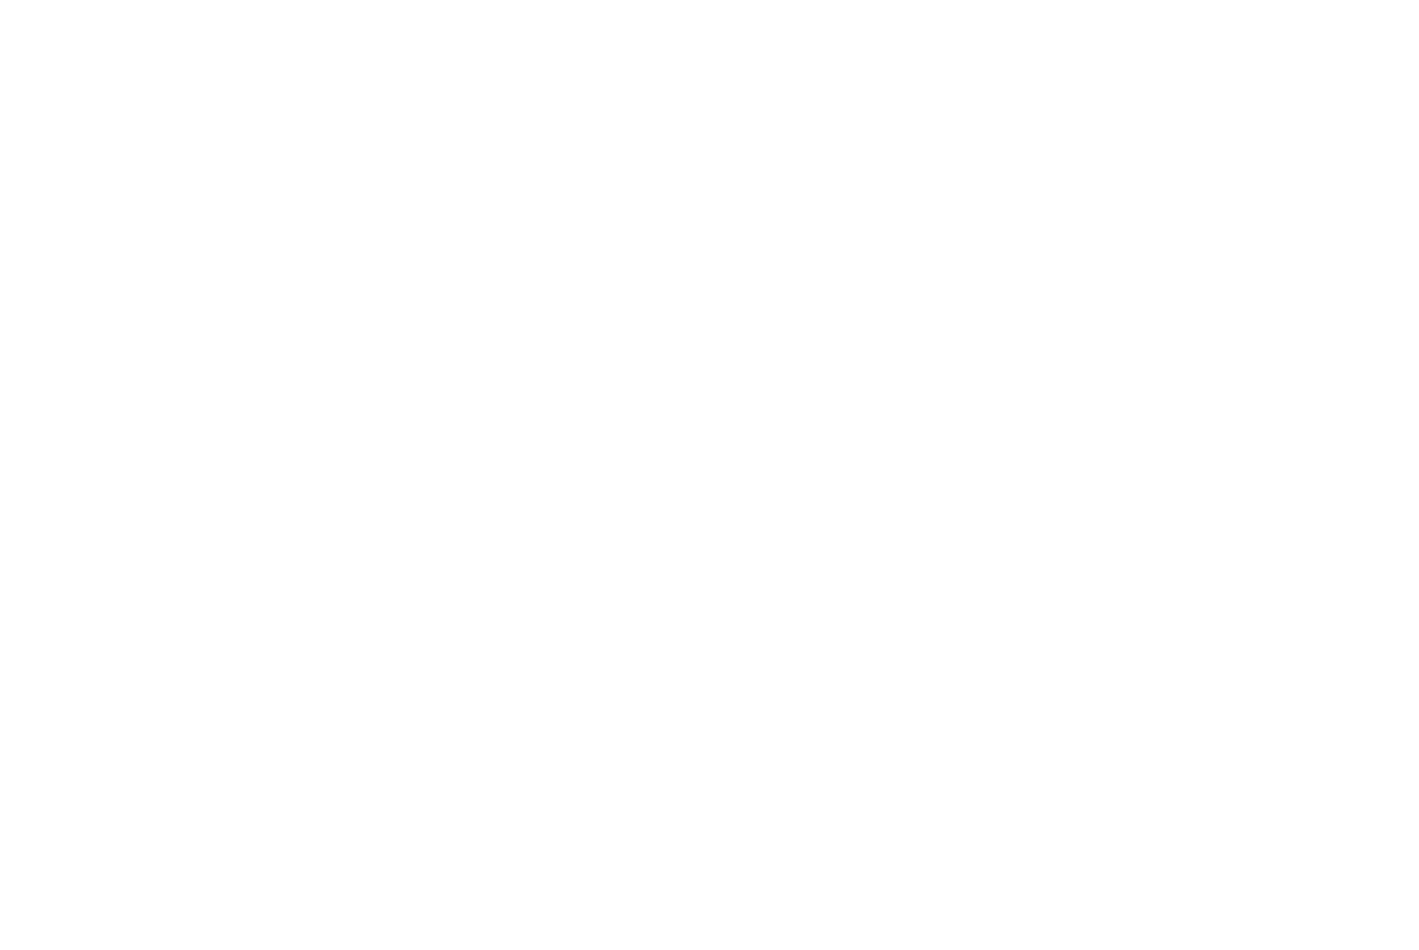 Werbeagentur Für Logo CI/CD